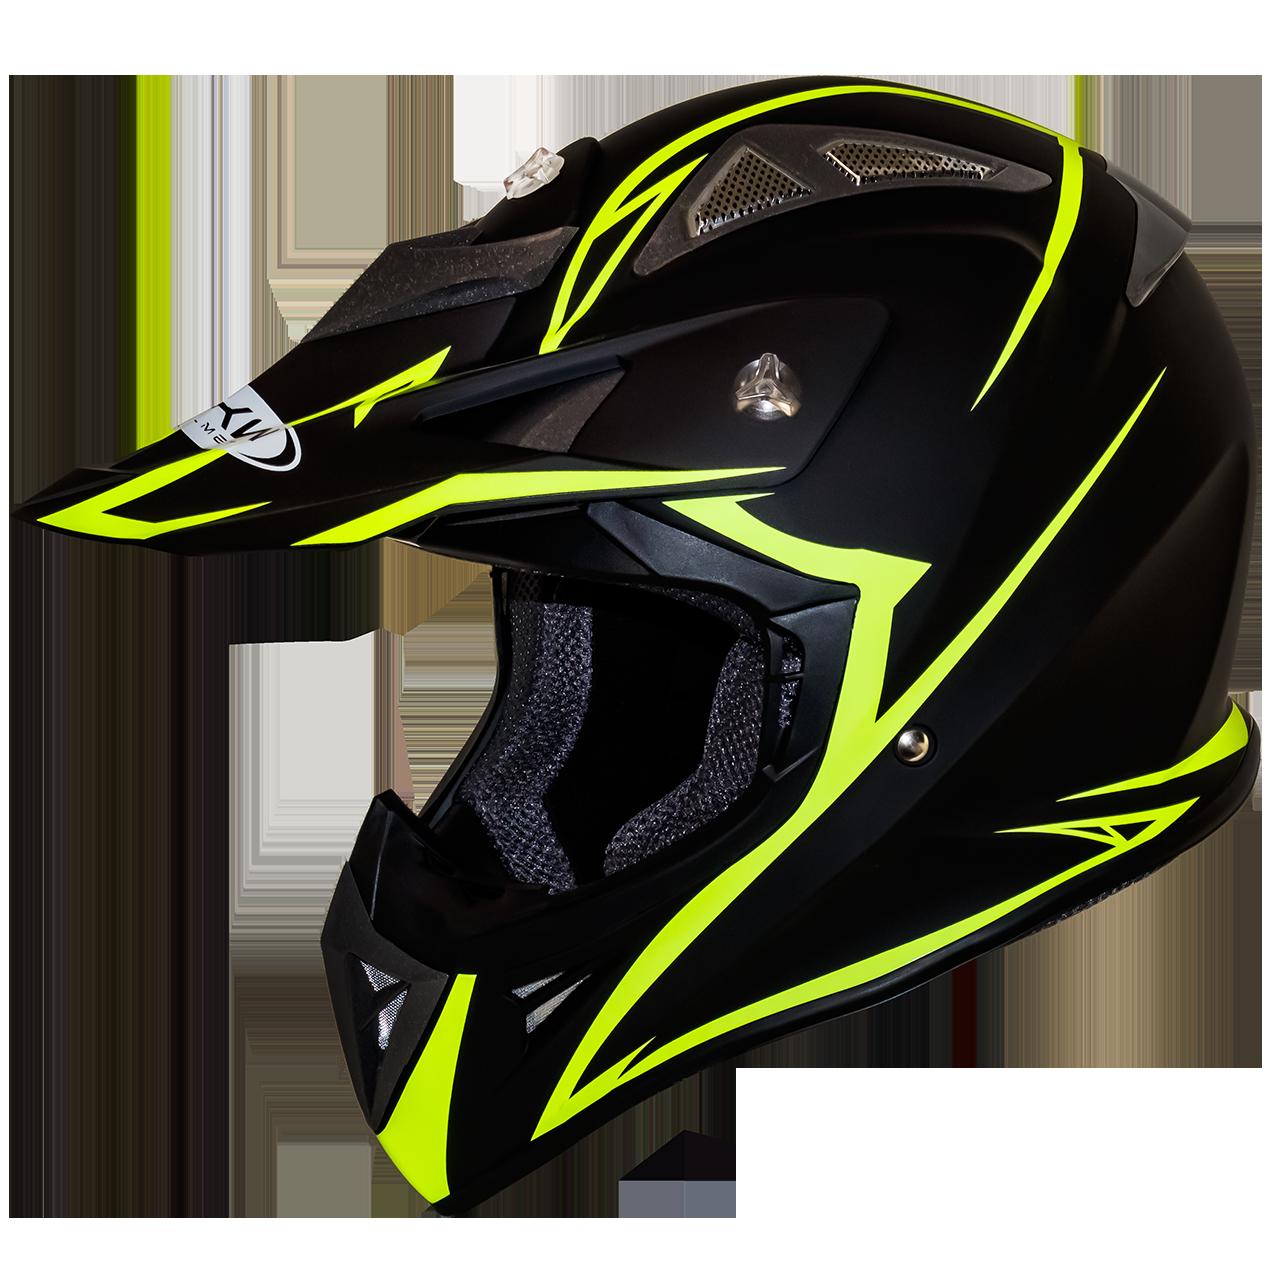 Мотошлем FH-116 шлем для эндуро и мотокросса, матовый чёрный с жёлтым узором